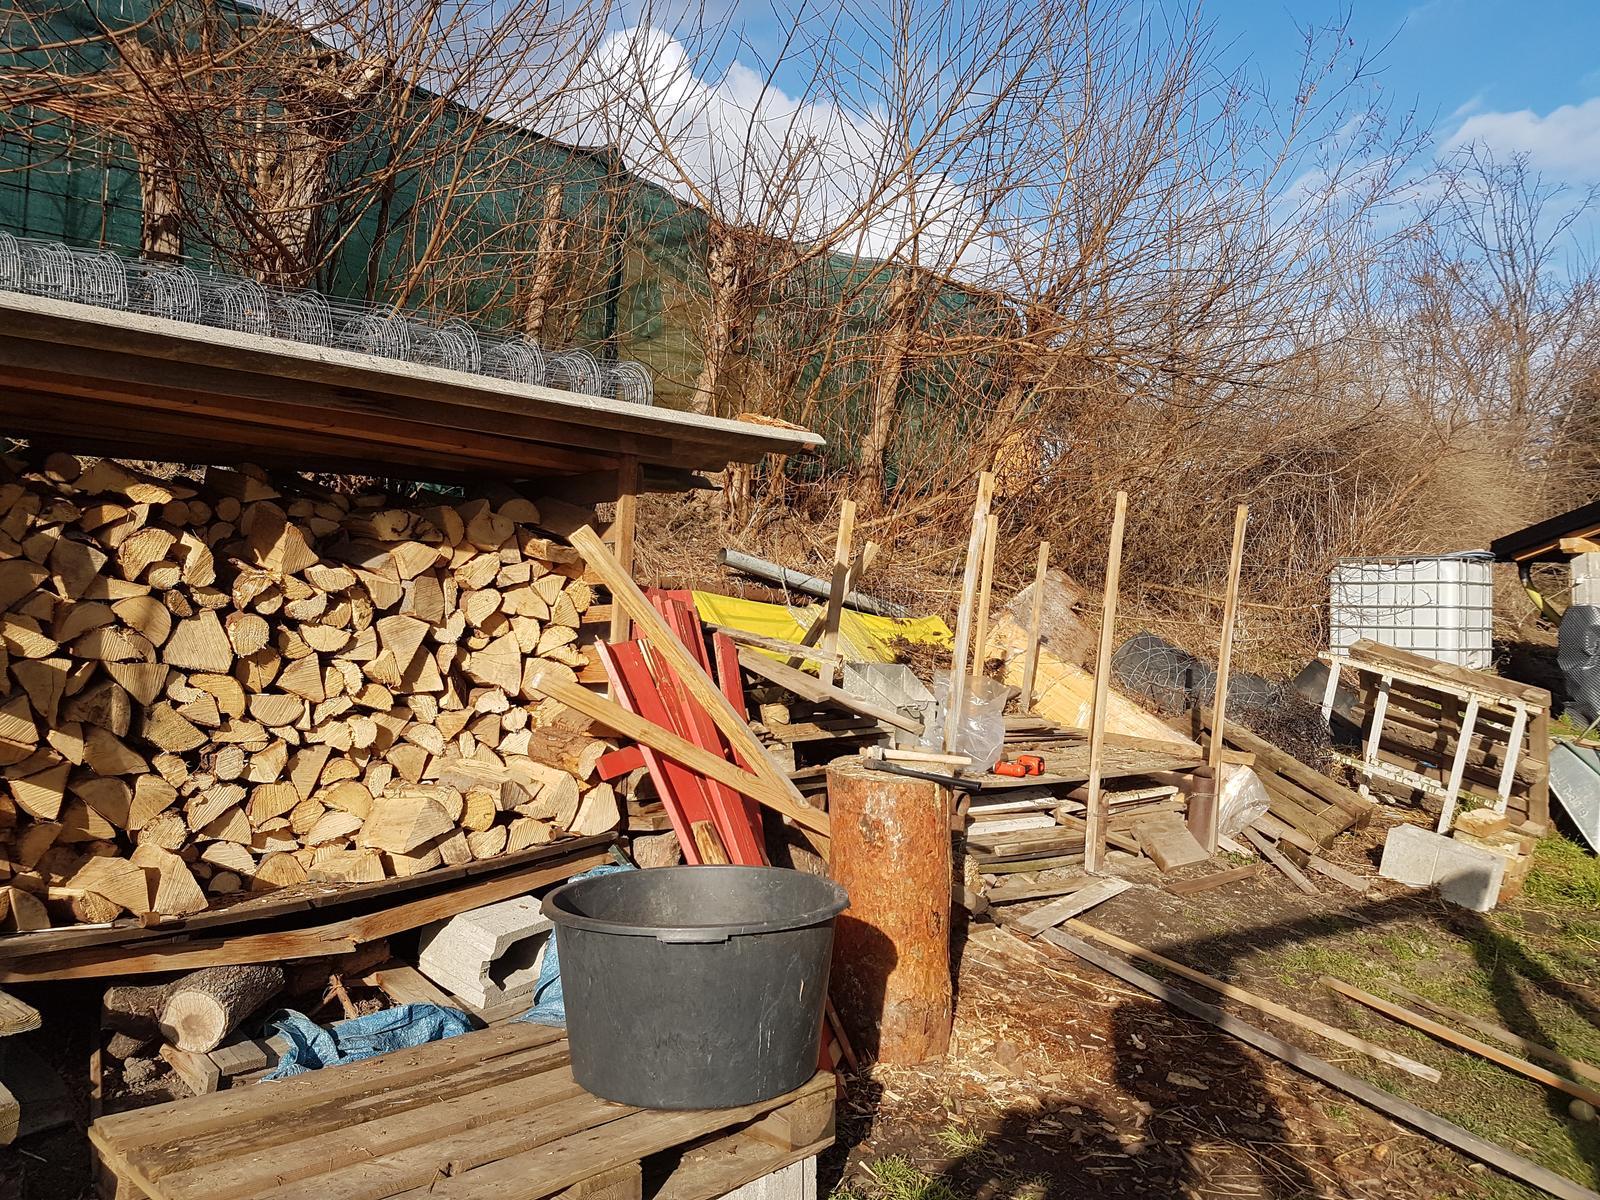 Drevník a kafé kútik - projekt roku  2018 - Povodny stav. Začíname 4.2 búraním starého aby sme ho ešte stihli spáliť